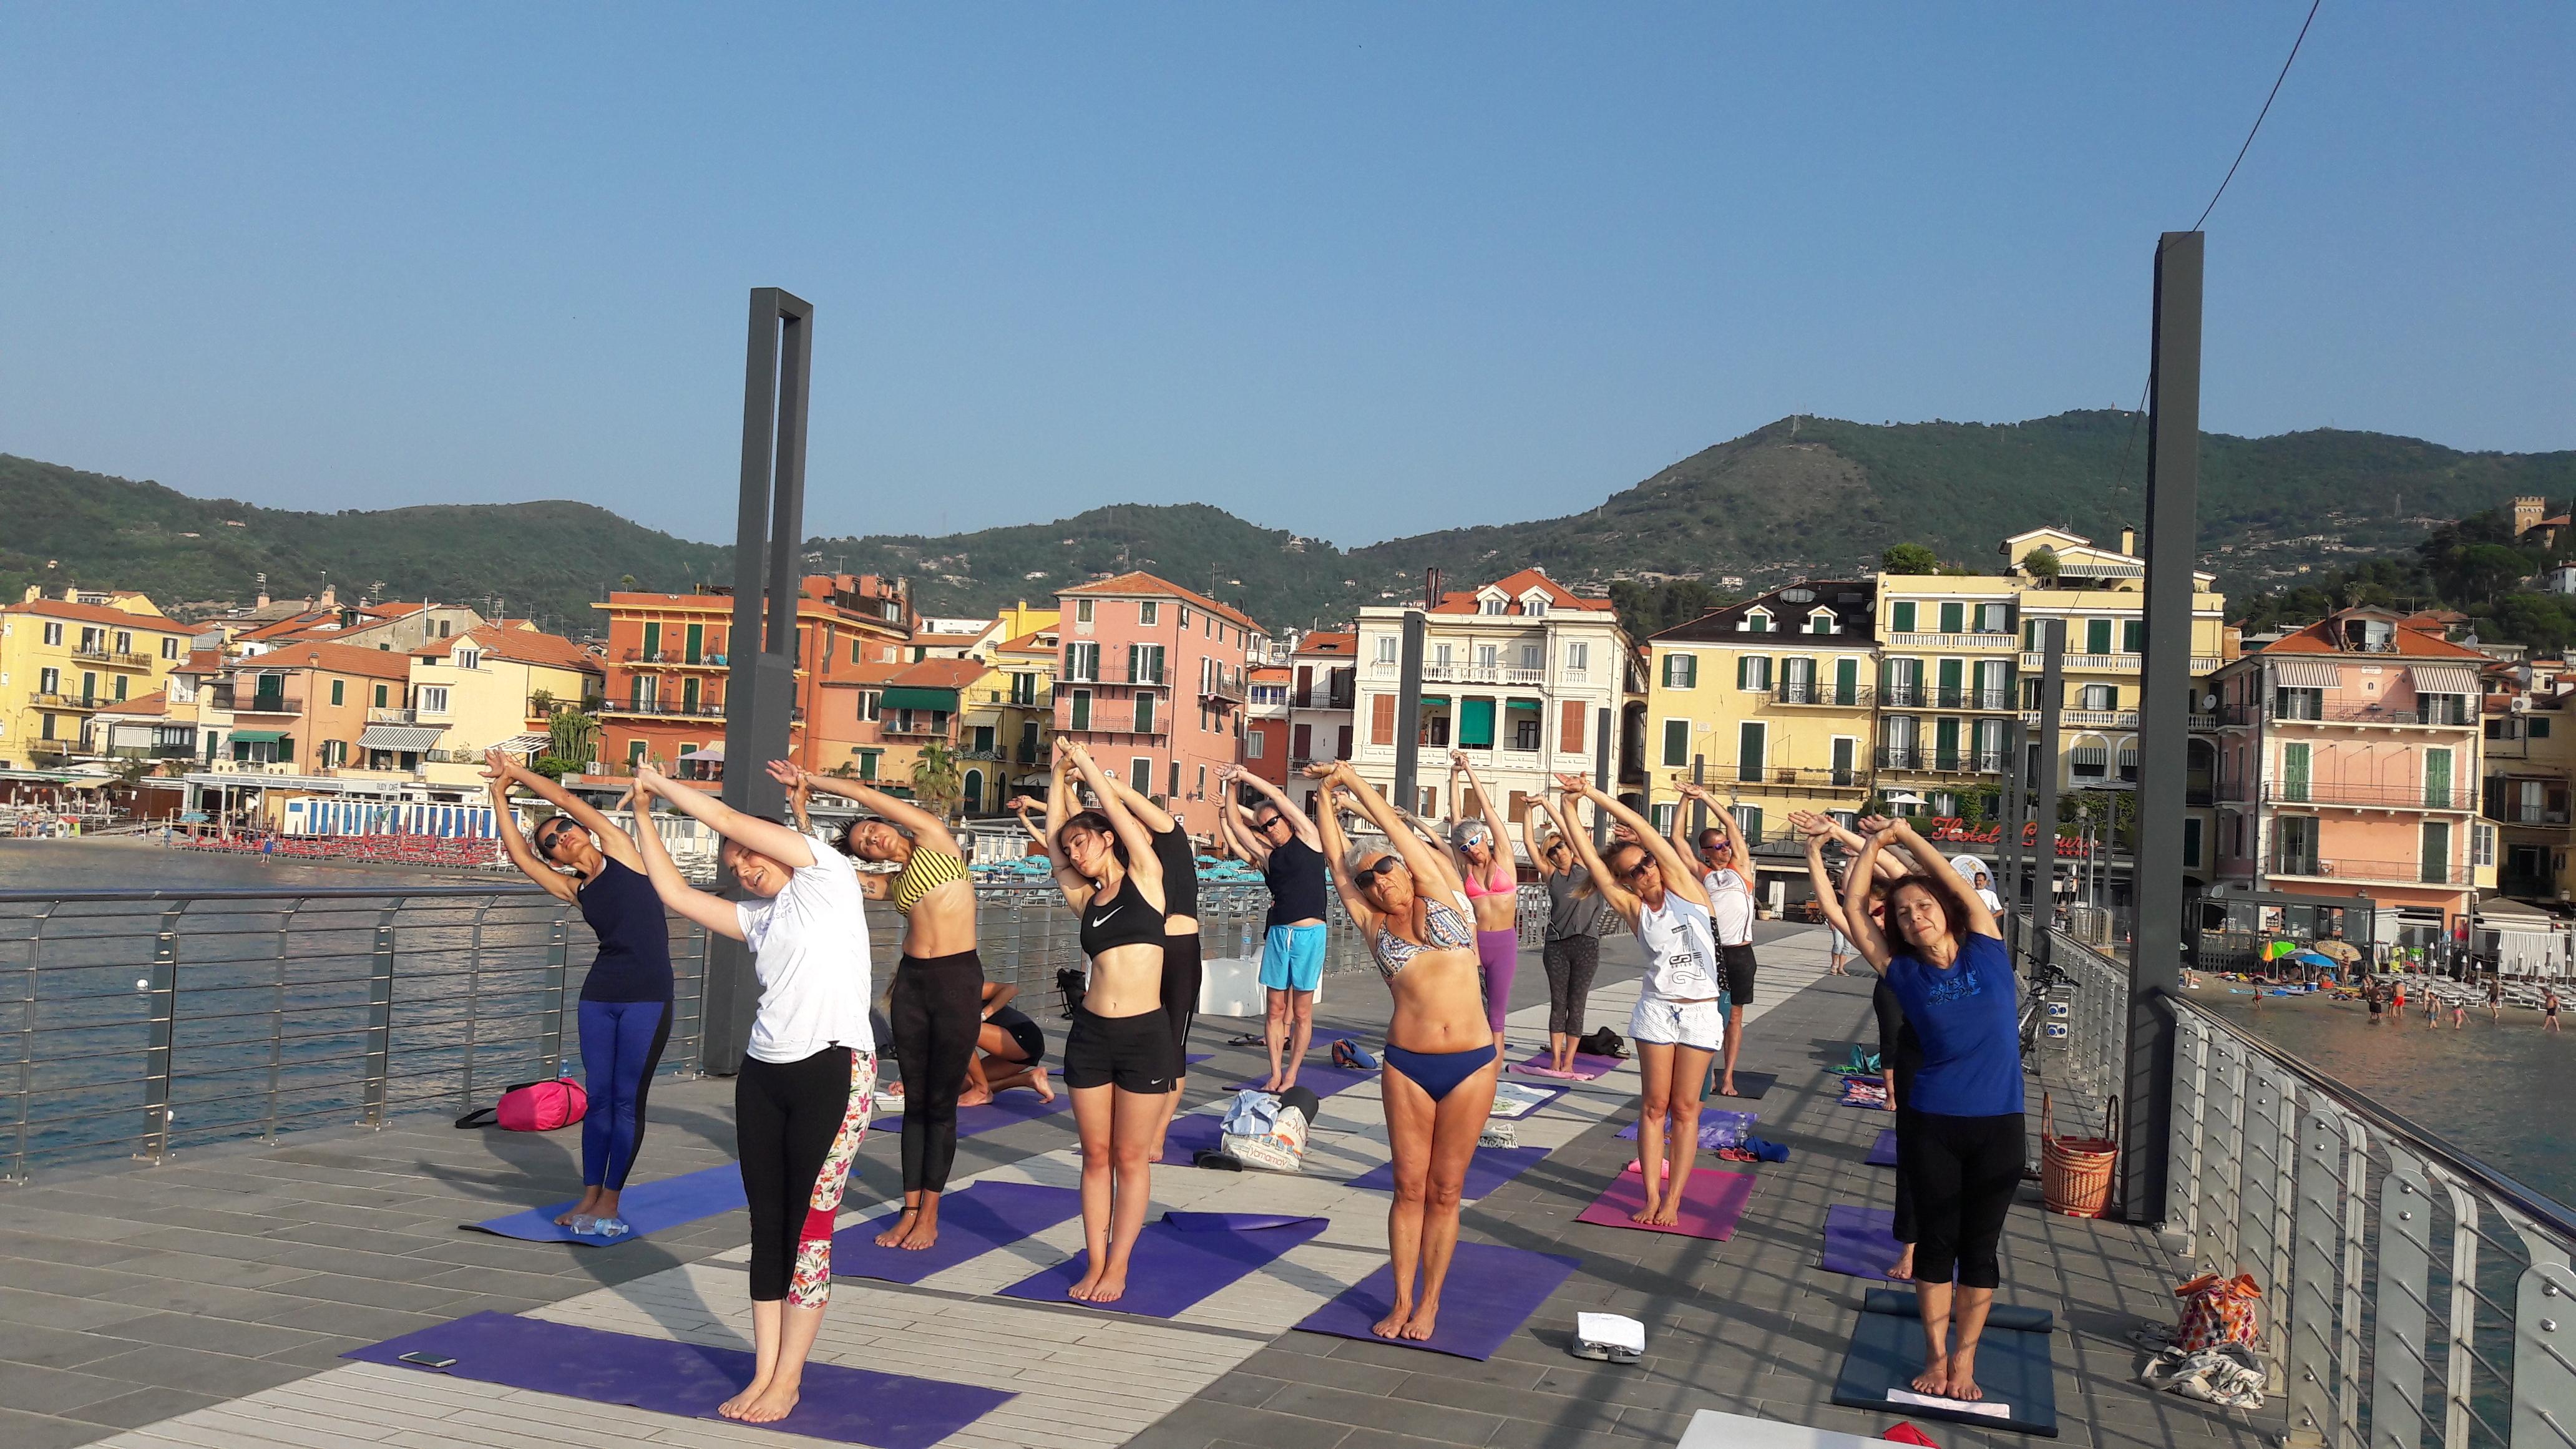 1_essere-free-yoga-gratuito-benessere-per-tutti-village-citta-alassio-estate-lucia-ragazzi-summer-town-wellness-017